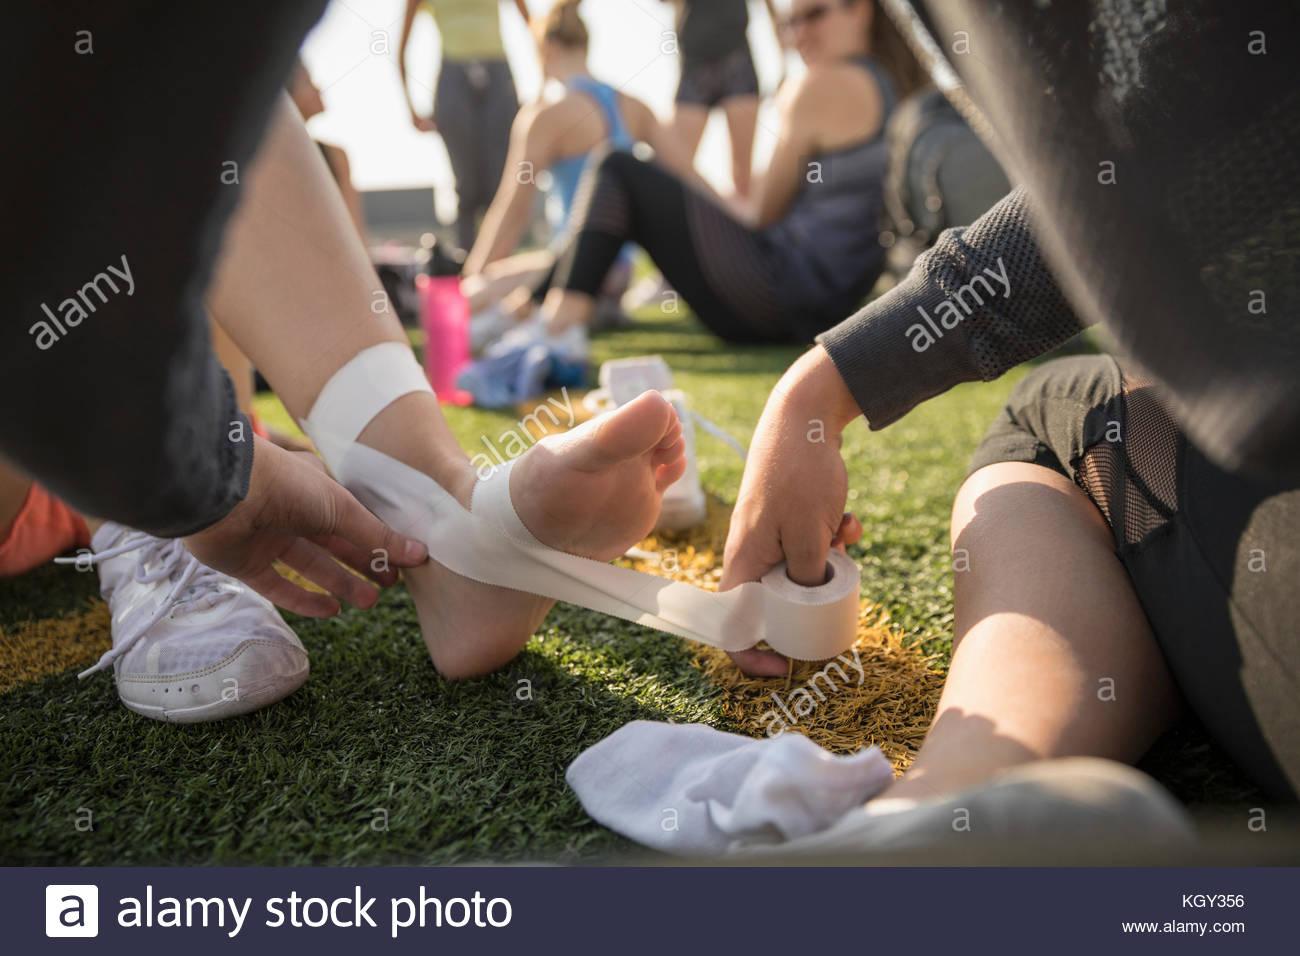 Teenage girl high school l'équipe de cheerleading des pieds et de la cheville l'enregistrement sur Photo Stock